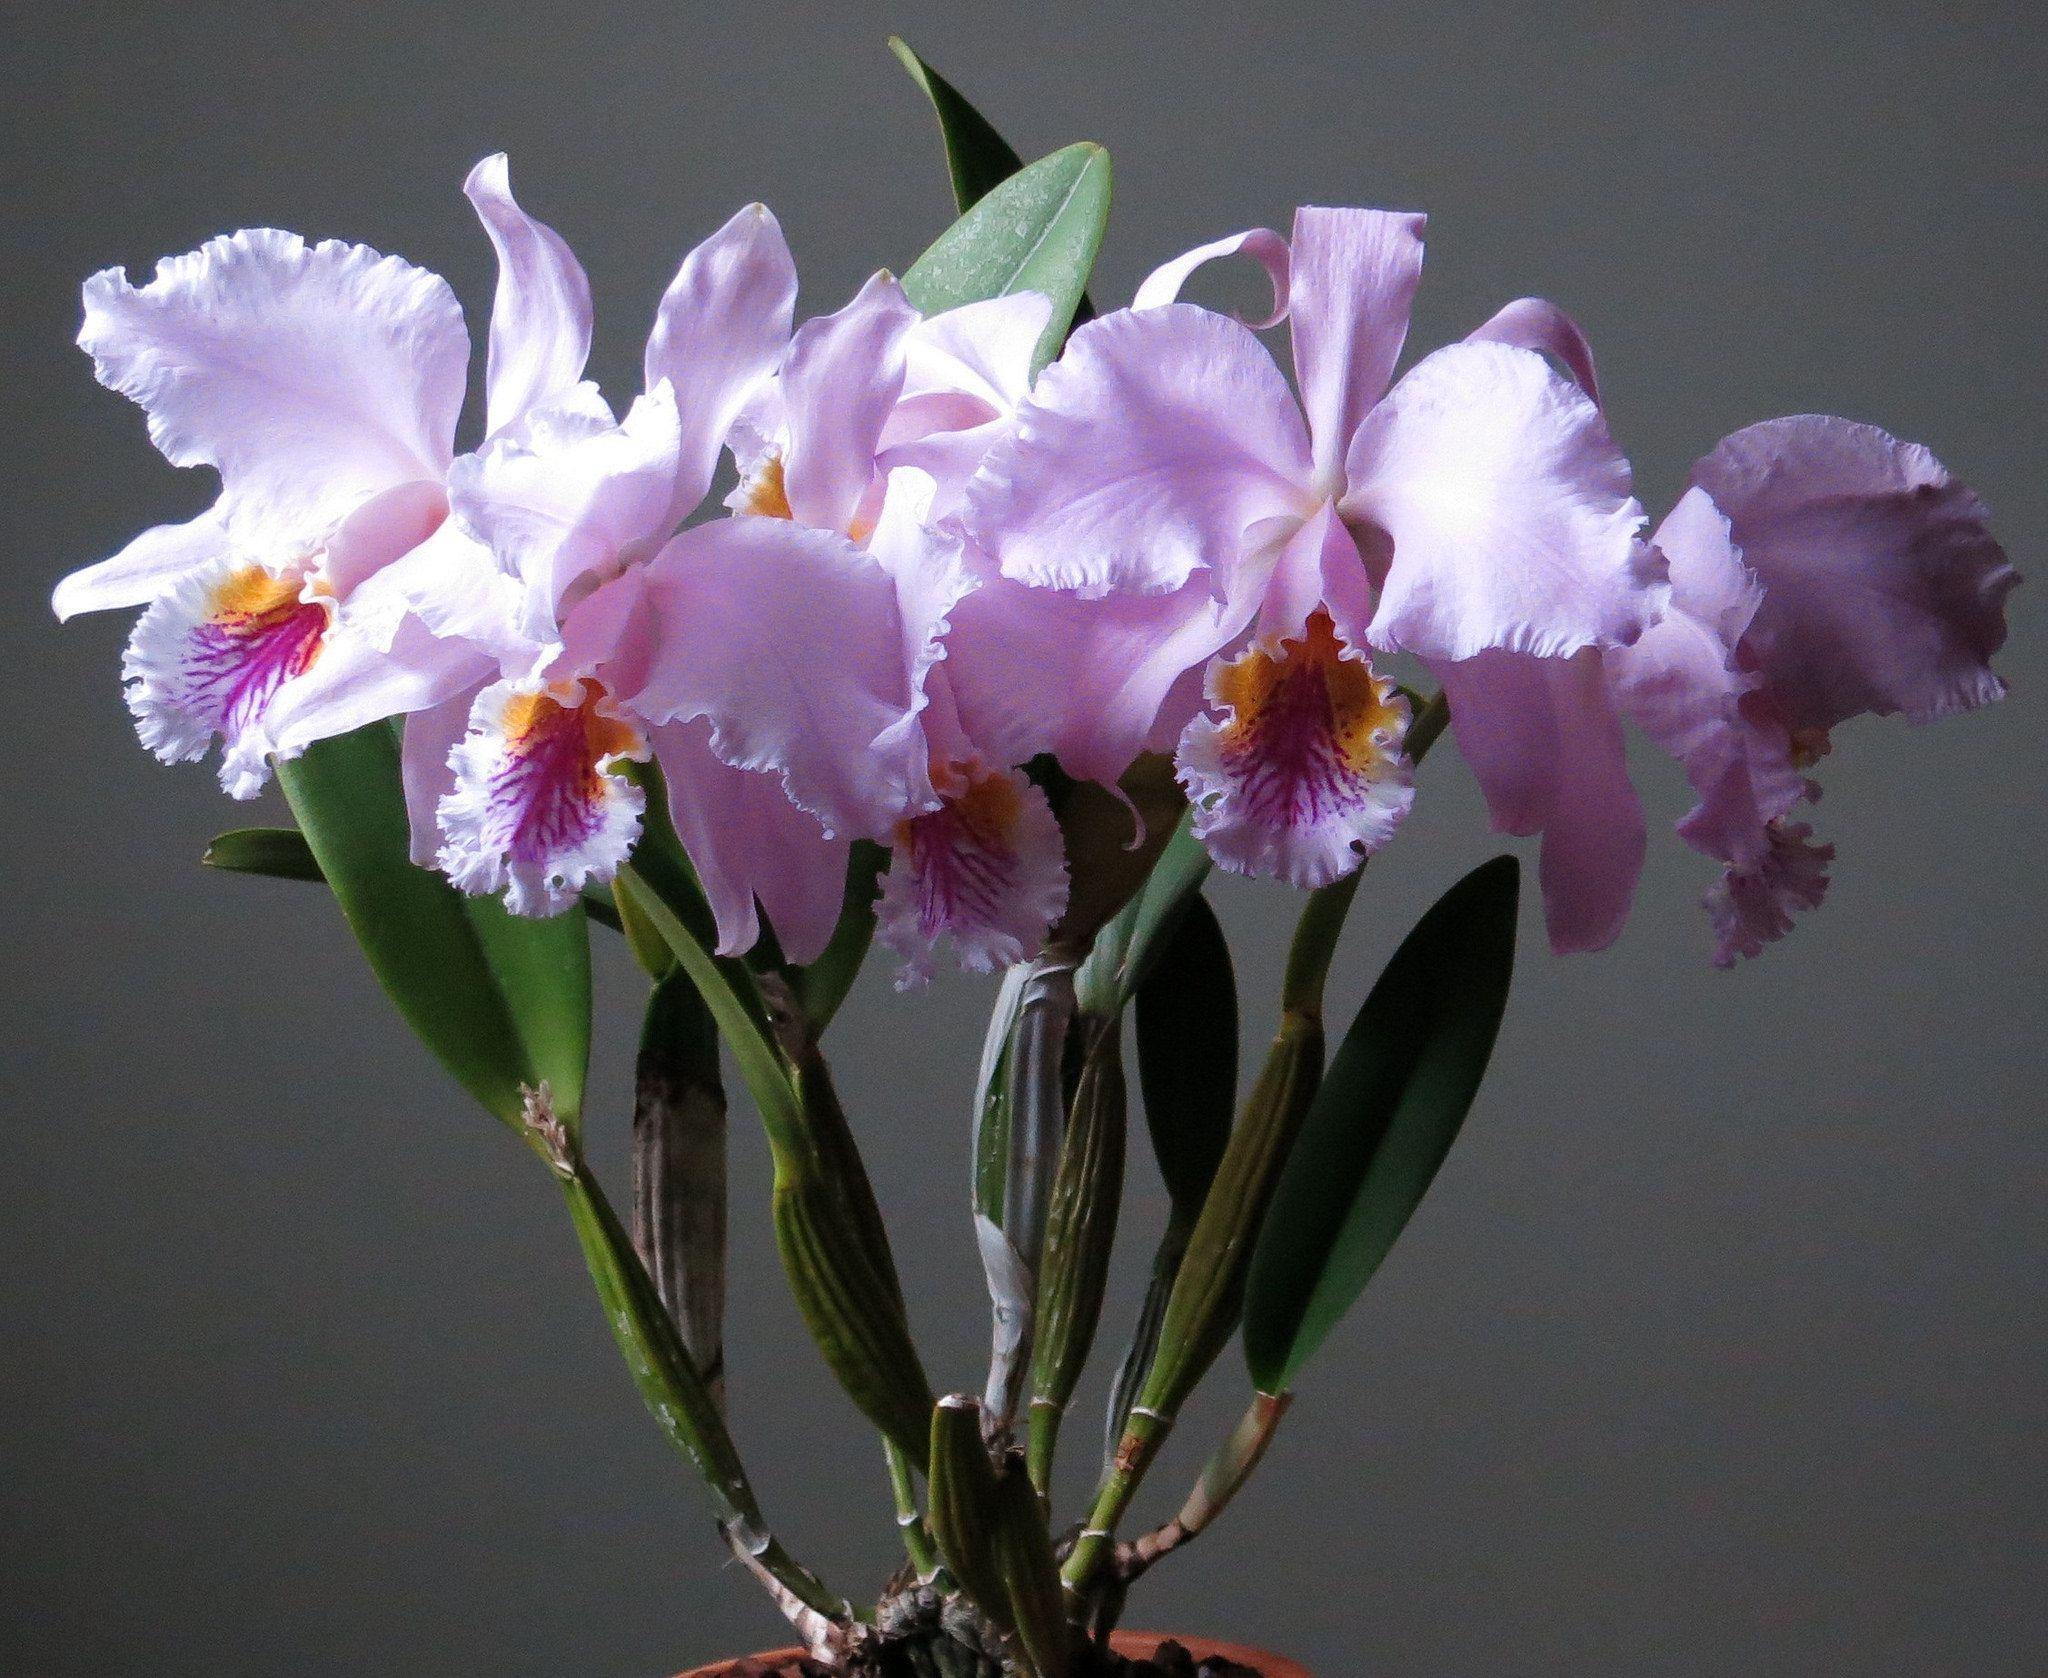 Cattleya Mossiae Orquideas Plantas Macetas